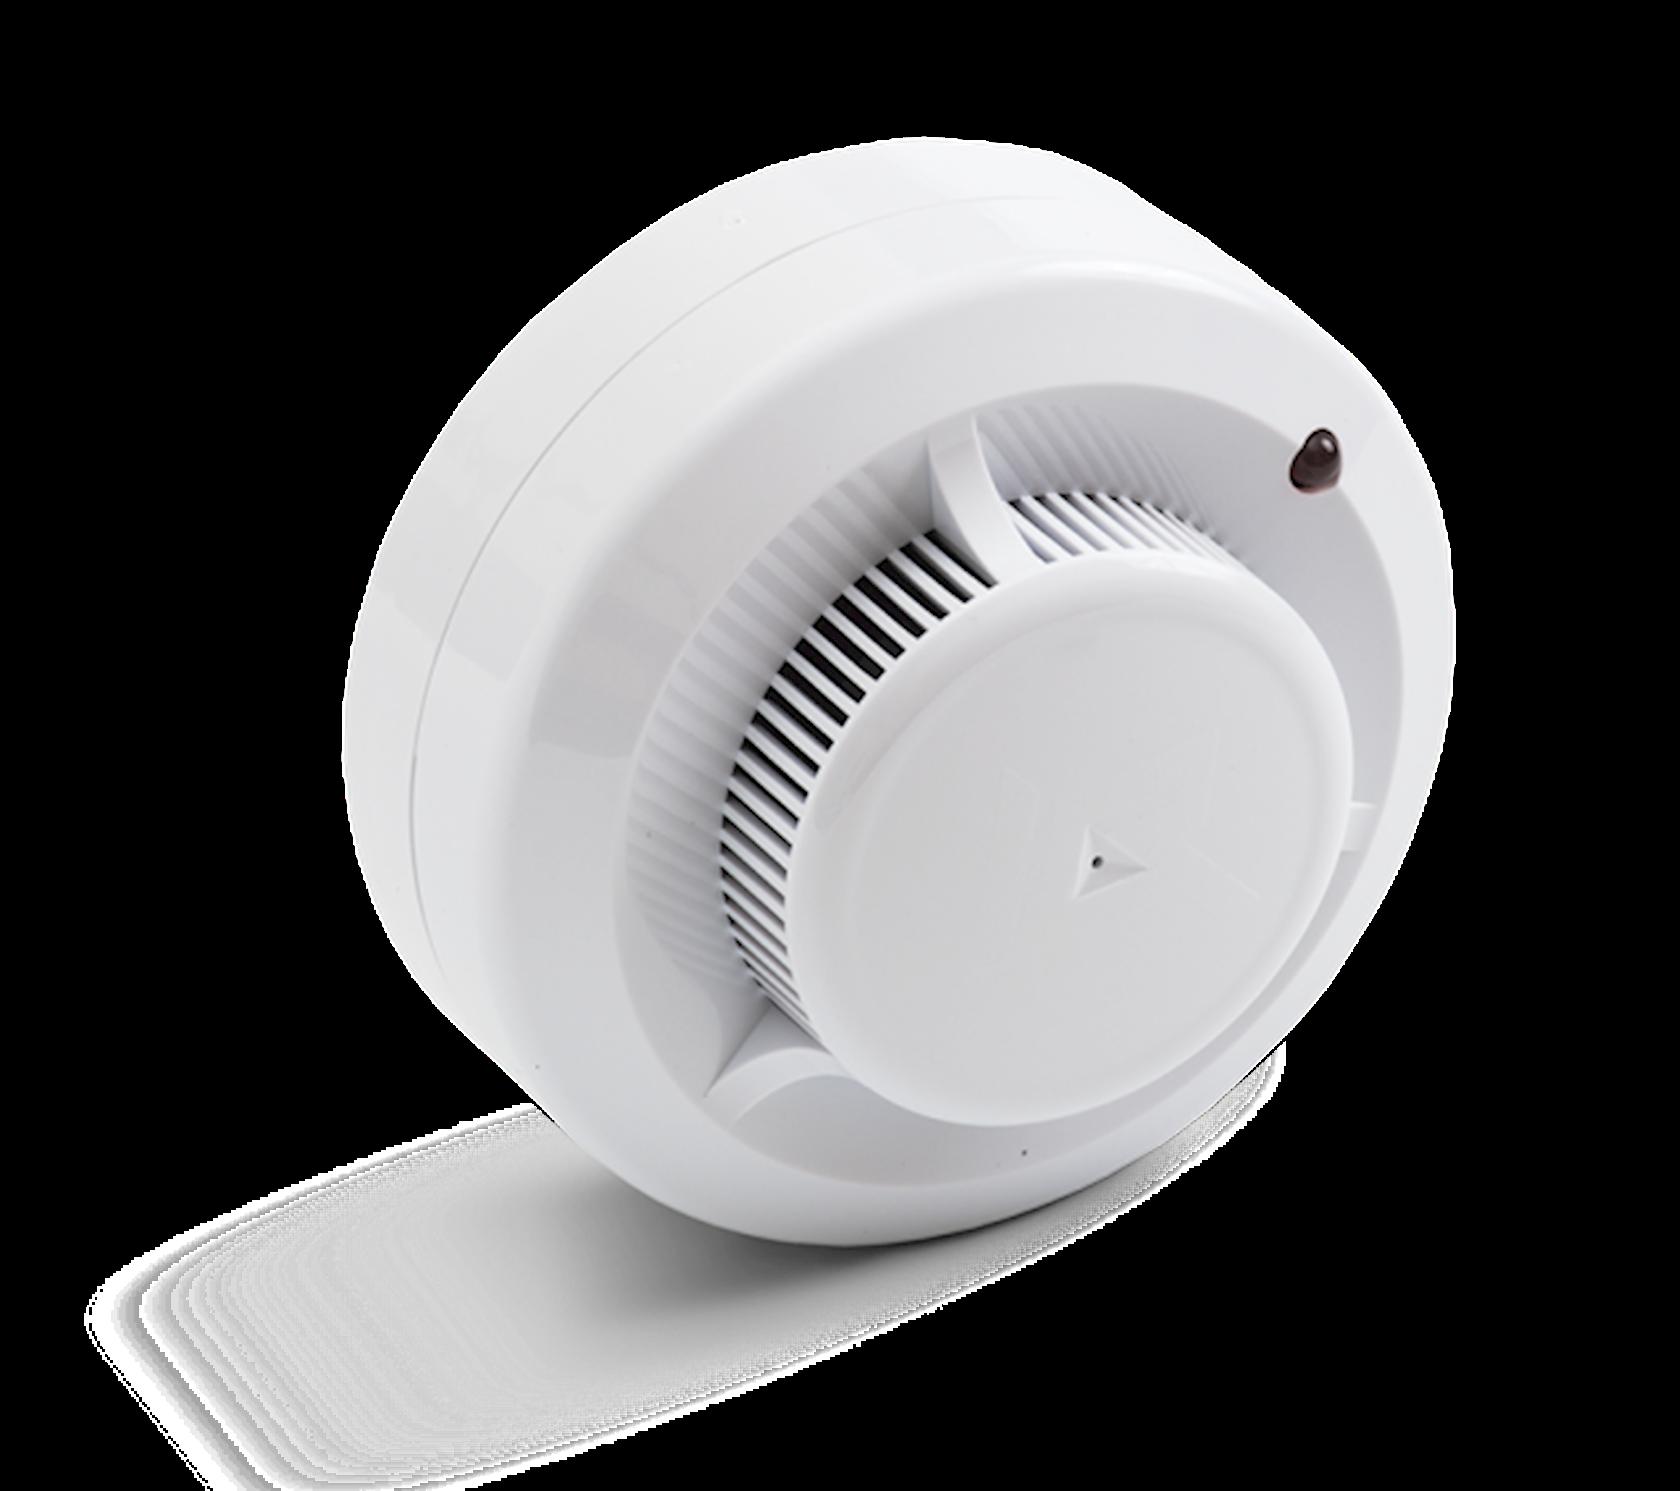 Yanğın xəbərçisi Dahua Smoke Detector Rubej IP212-141